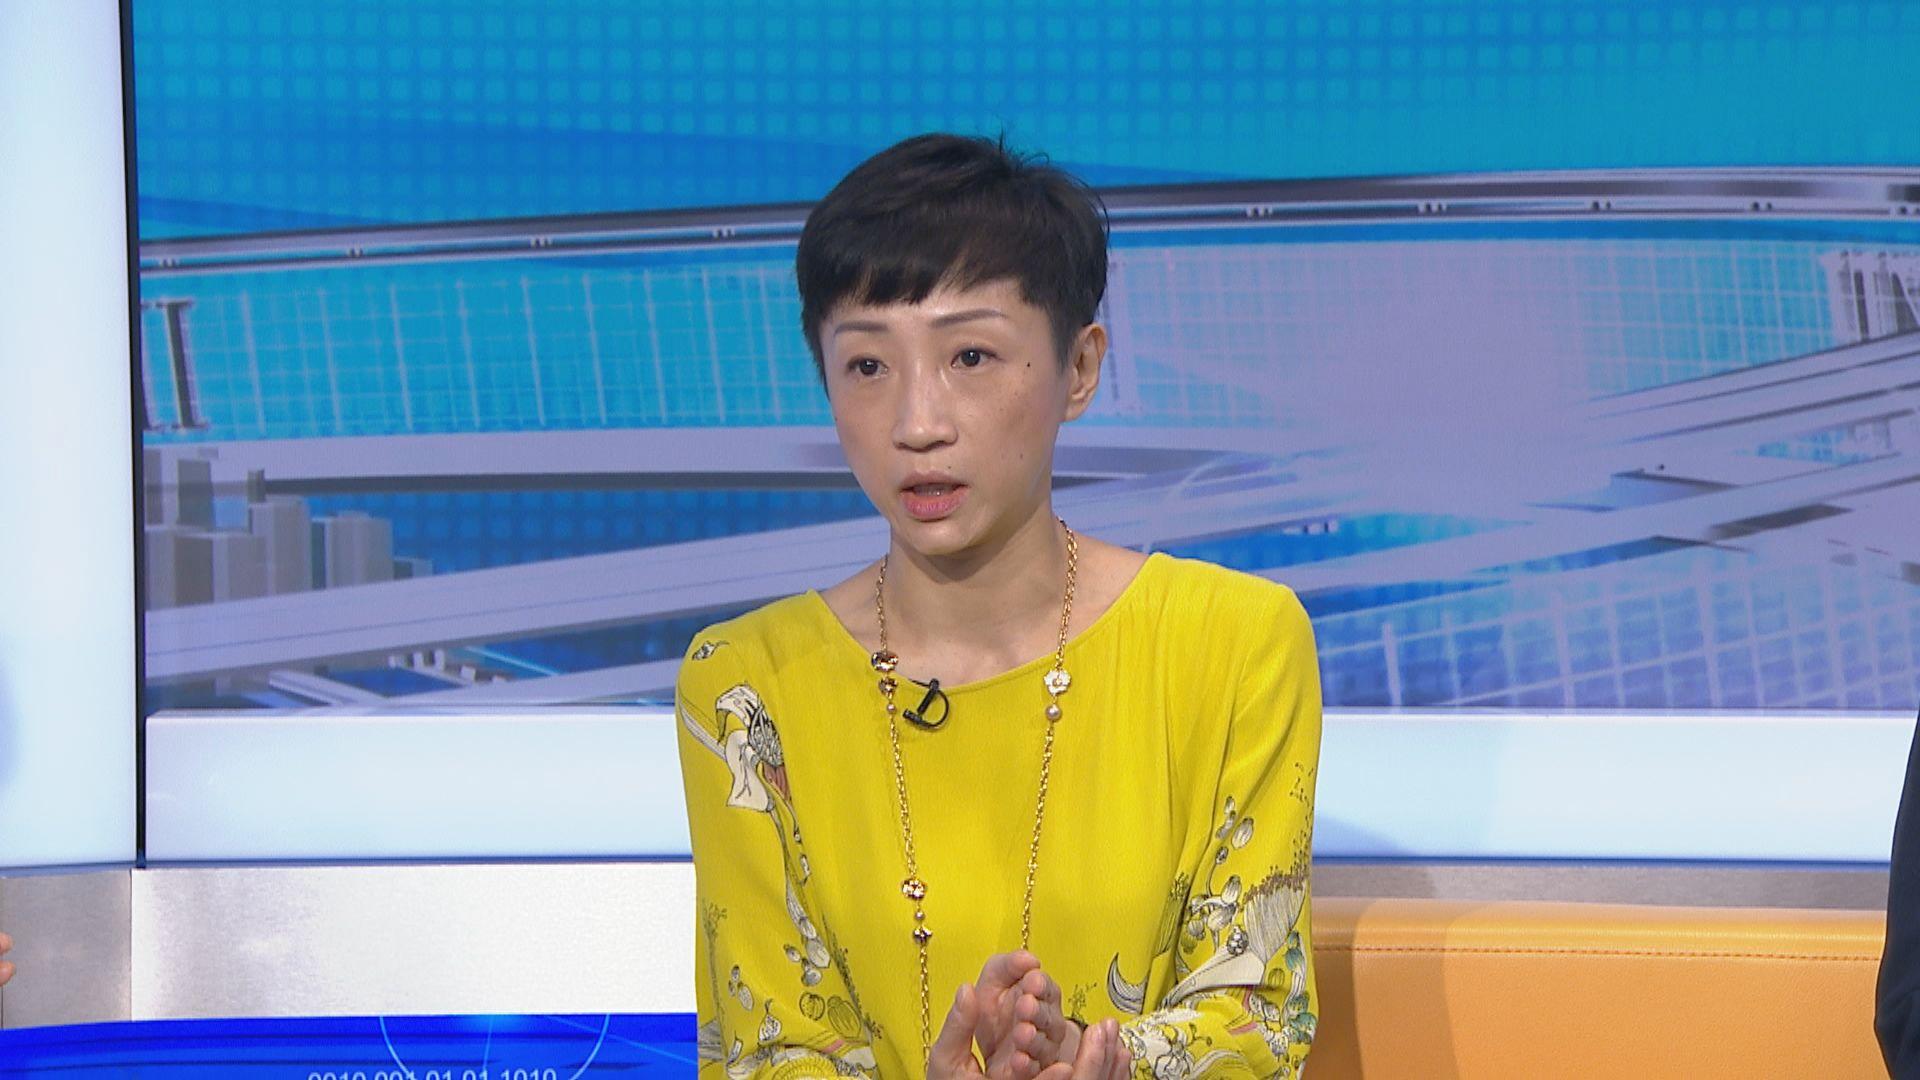 陳淑莊:引用《緊急法》立法會損害一國兩制